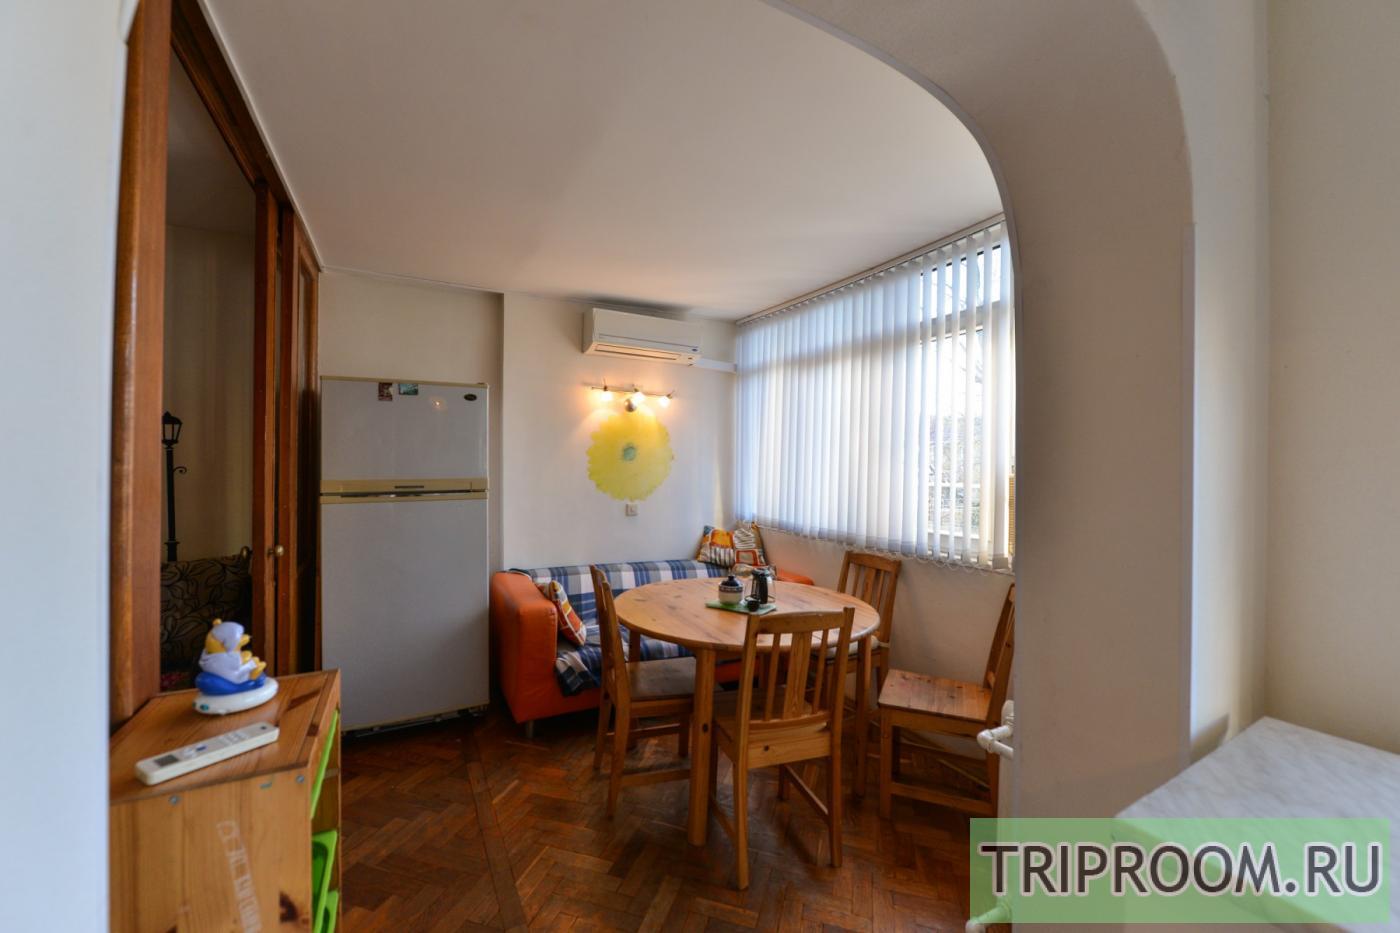 2-комнатная квартира посуточно (вариант № 6980), ул. Воровского улица, фото № 10